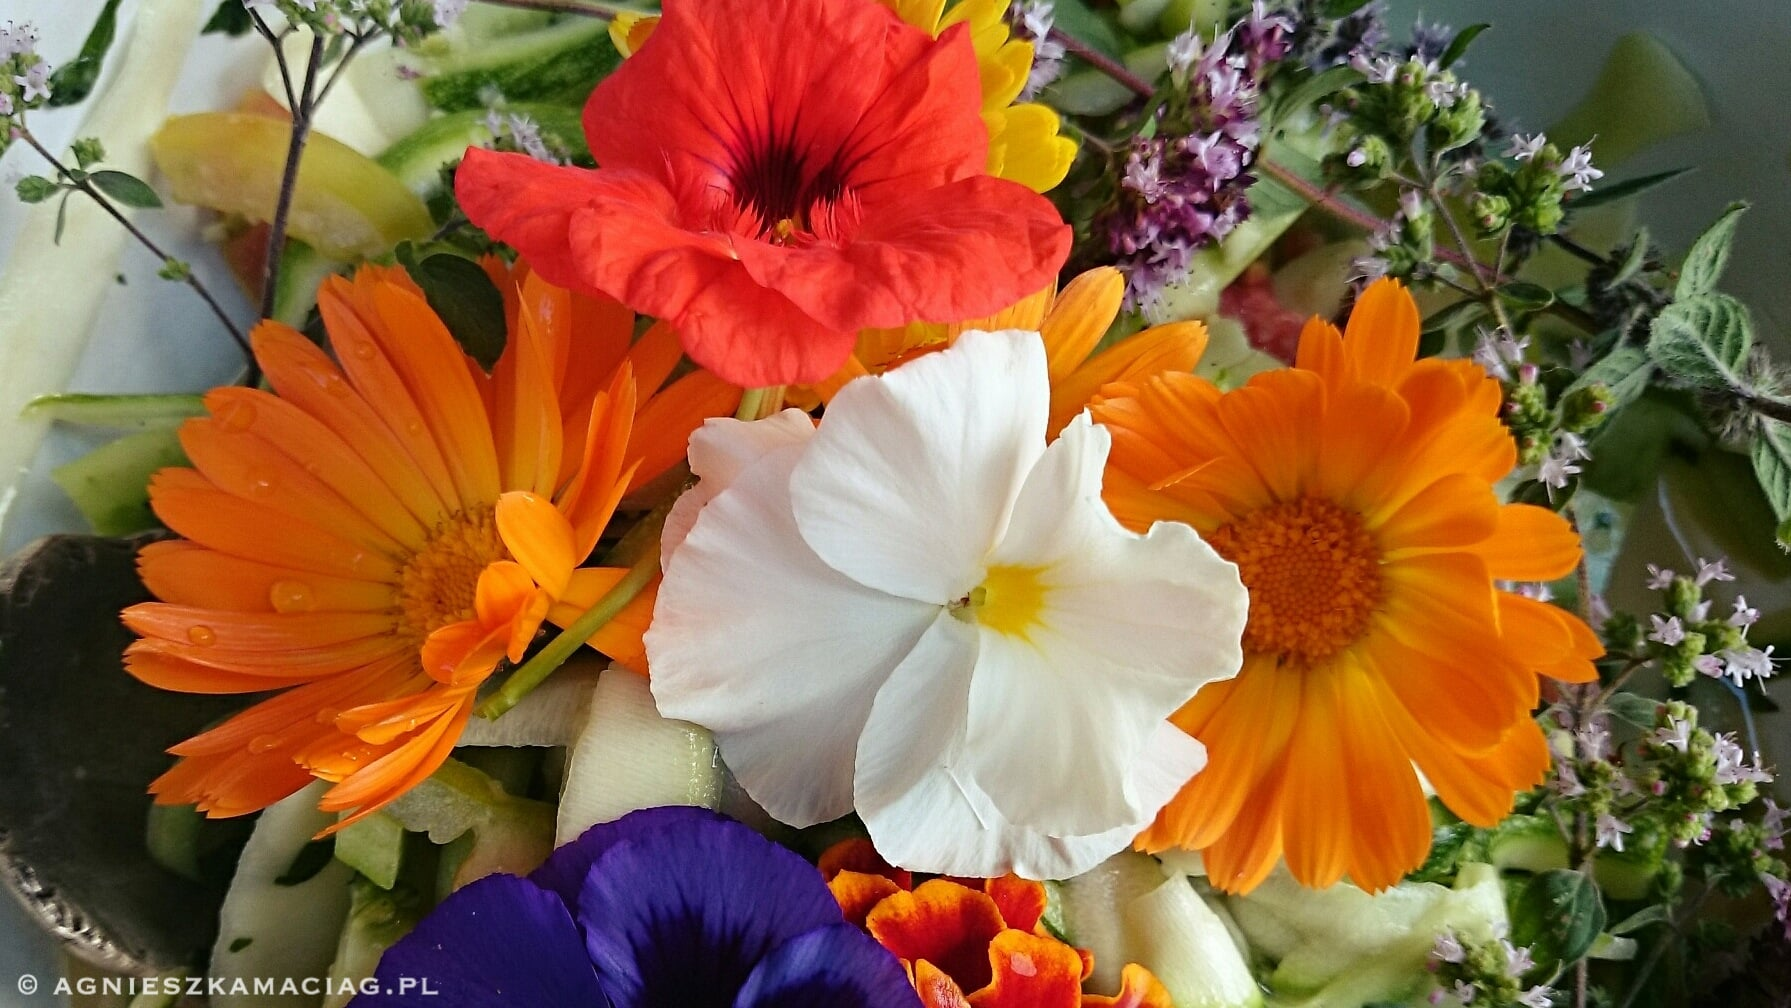 Kwiaty Jadalne Agnieszka Maciag